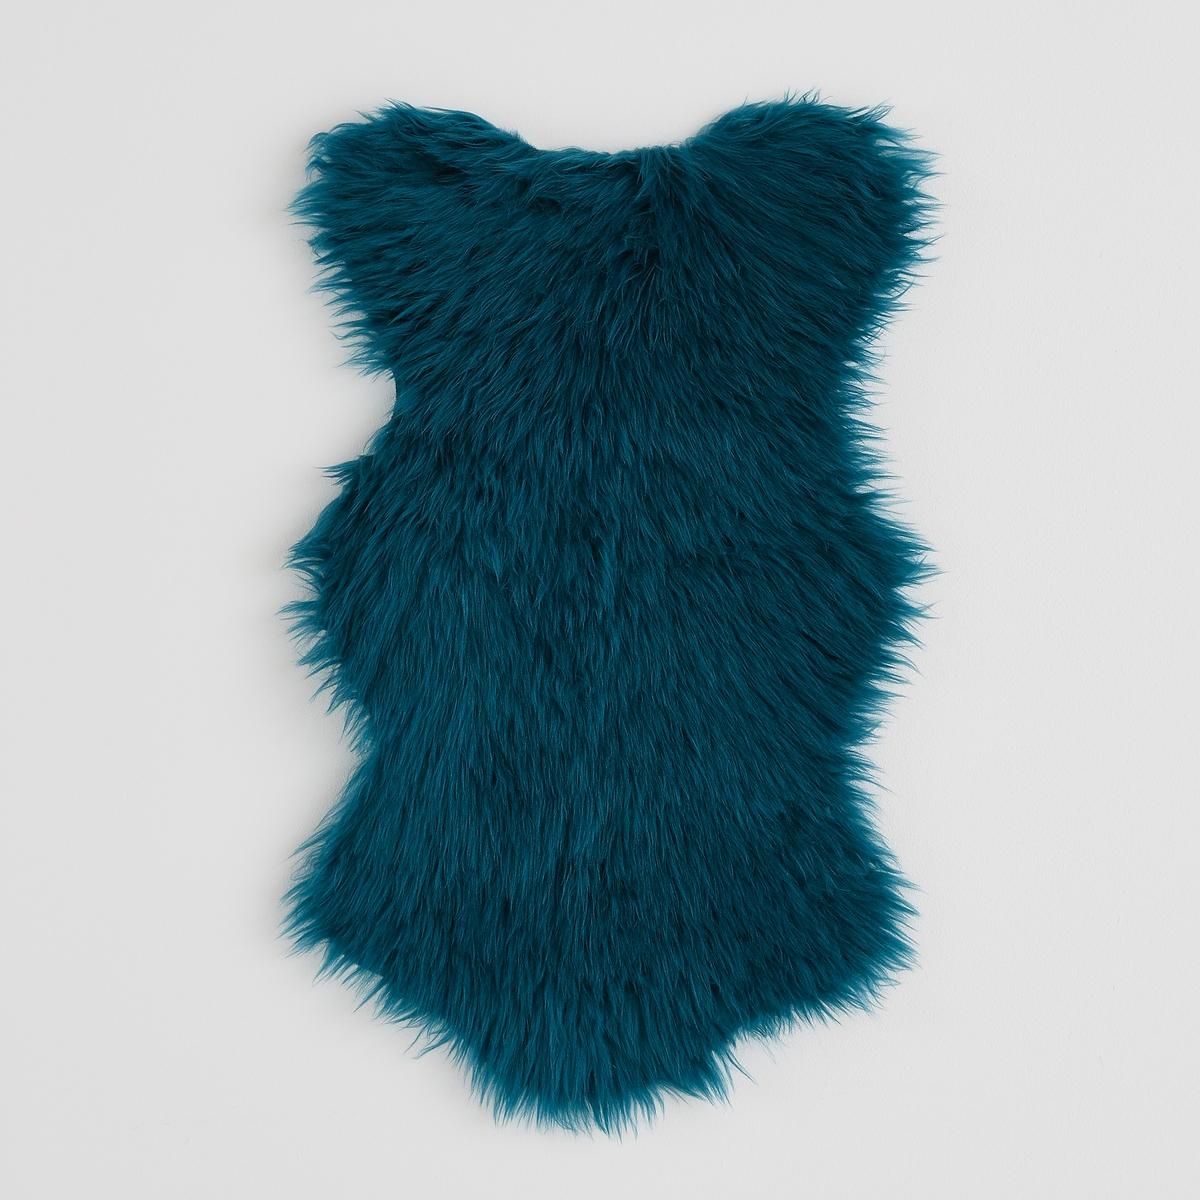 Ковер ShipaКовер Shipa. Ковер из искусственной овечьей шерсти в аутентичном стиле. Производство: Франция.Описание ковра Shipa :100% акрилВысота ворса : 5,5 смДругие модели ковров вы можете найти на сайте laredoute.ru.Размеры :50 x 90 см<br><br>Цвет: небесно-голубой,розовый,сине-зеленый,черный<br>Размер: 55 x 90 см